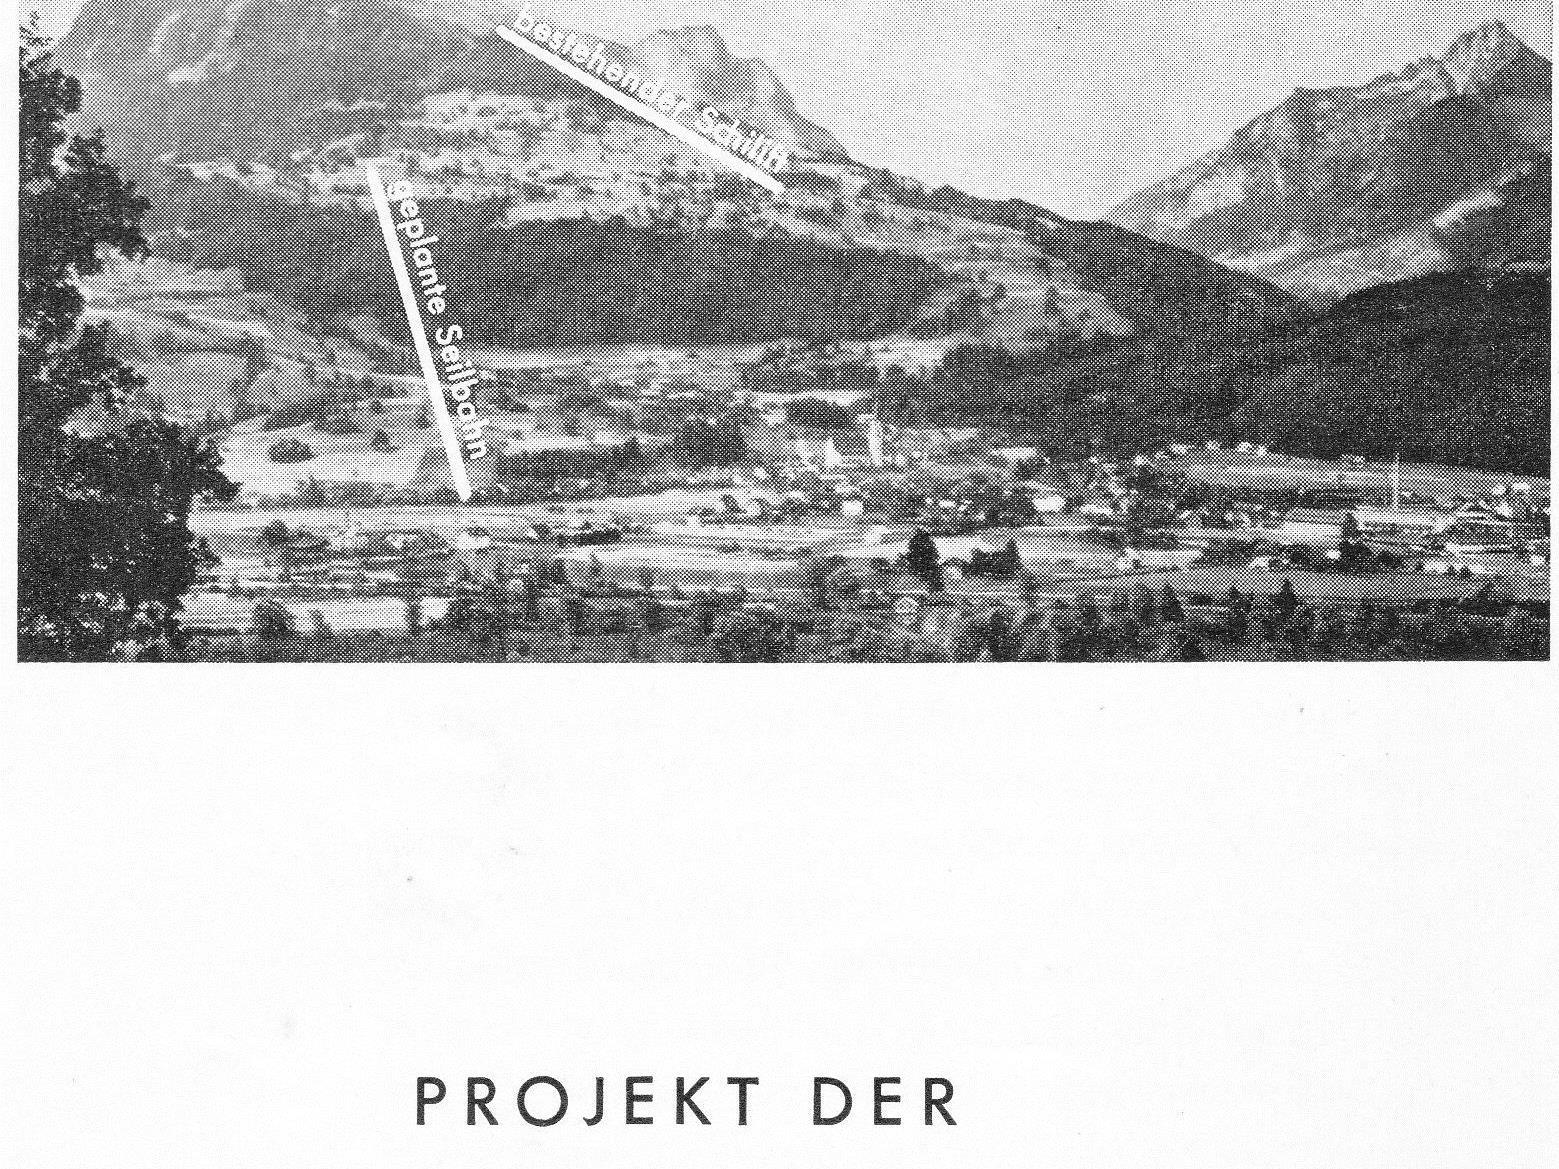 1954 wurde das Projekt Seilbahn Bazora vom Verkehrsverein Frastanz vorgestellt